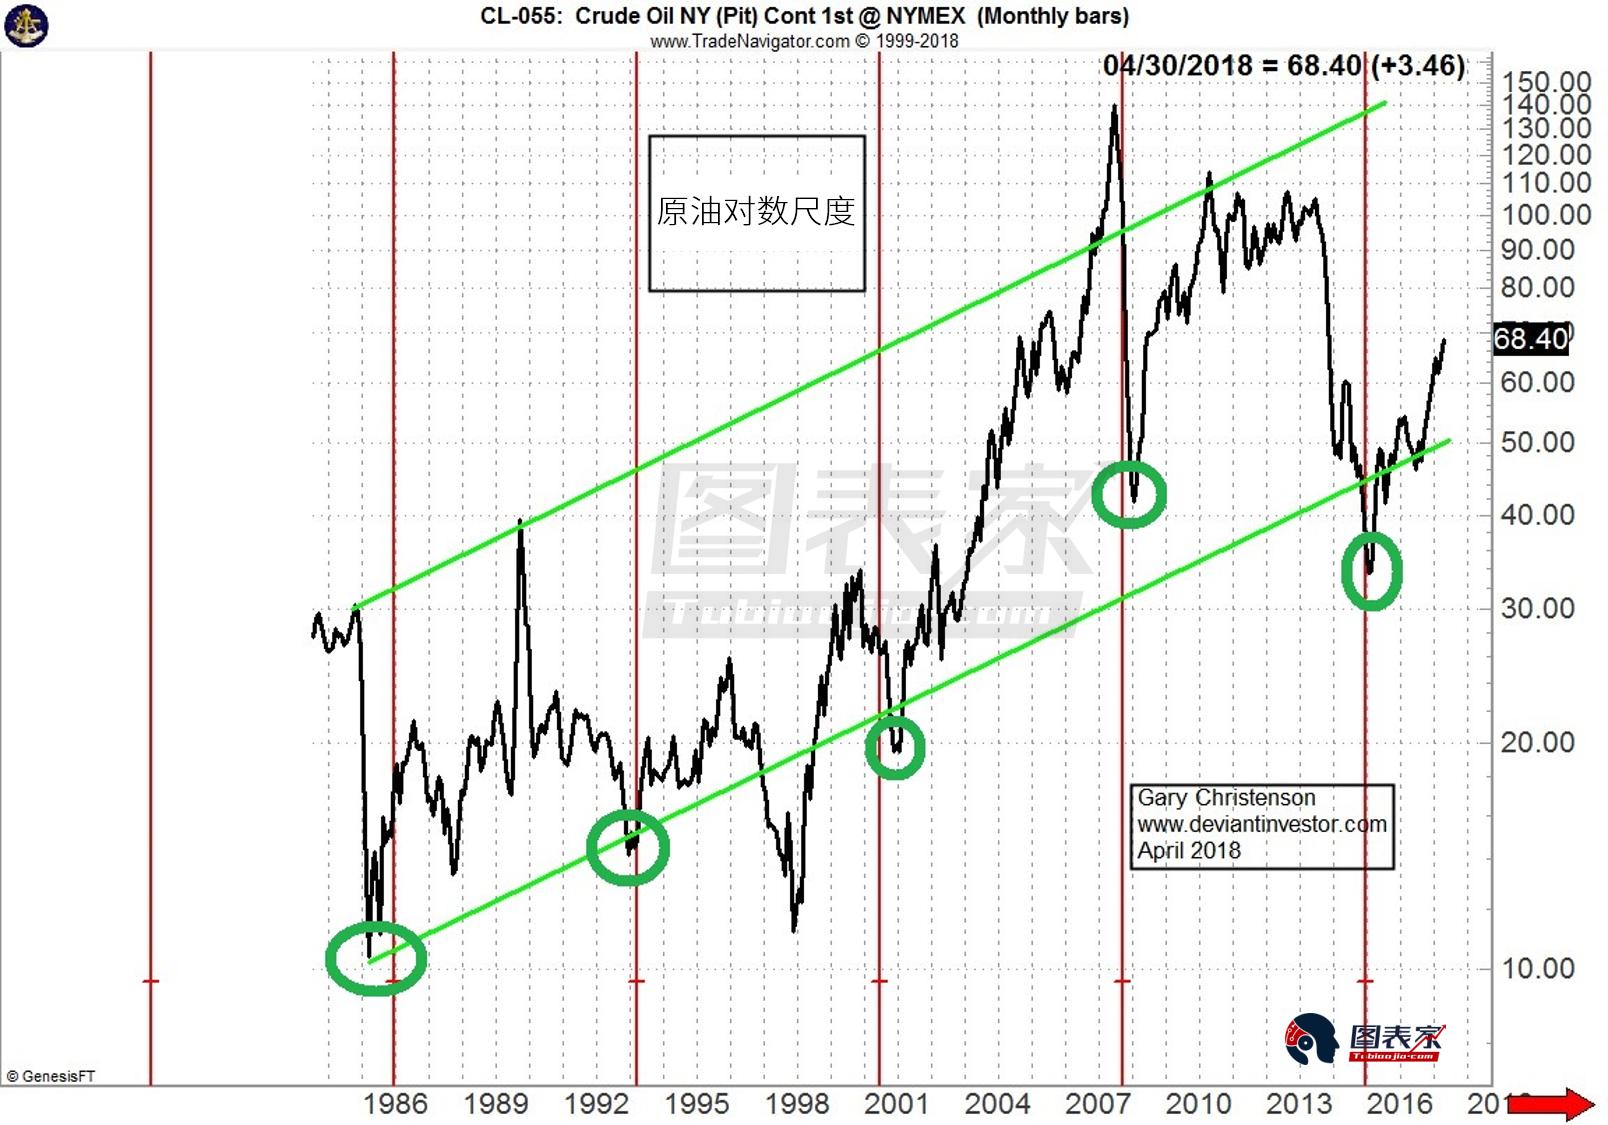 美元购买力减弱,原油升势或至少持续至2020年